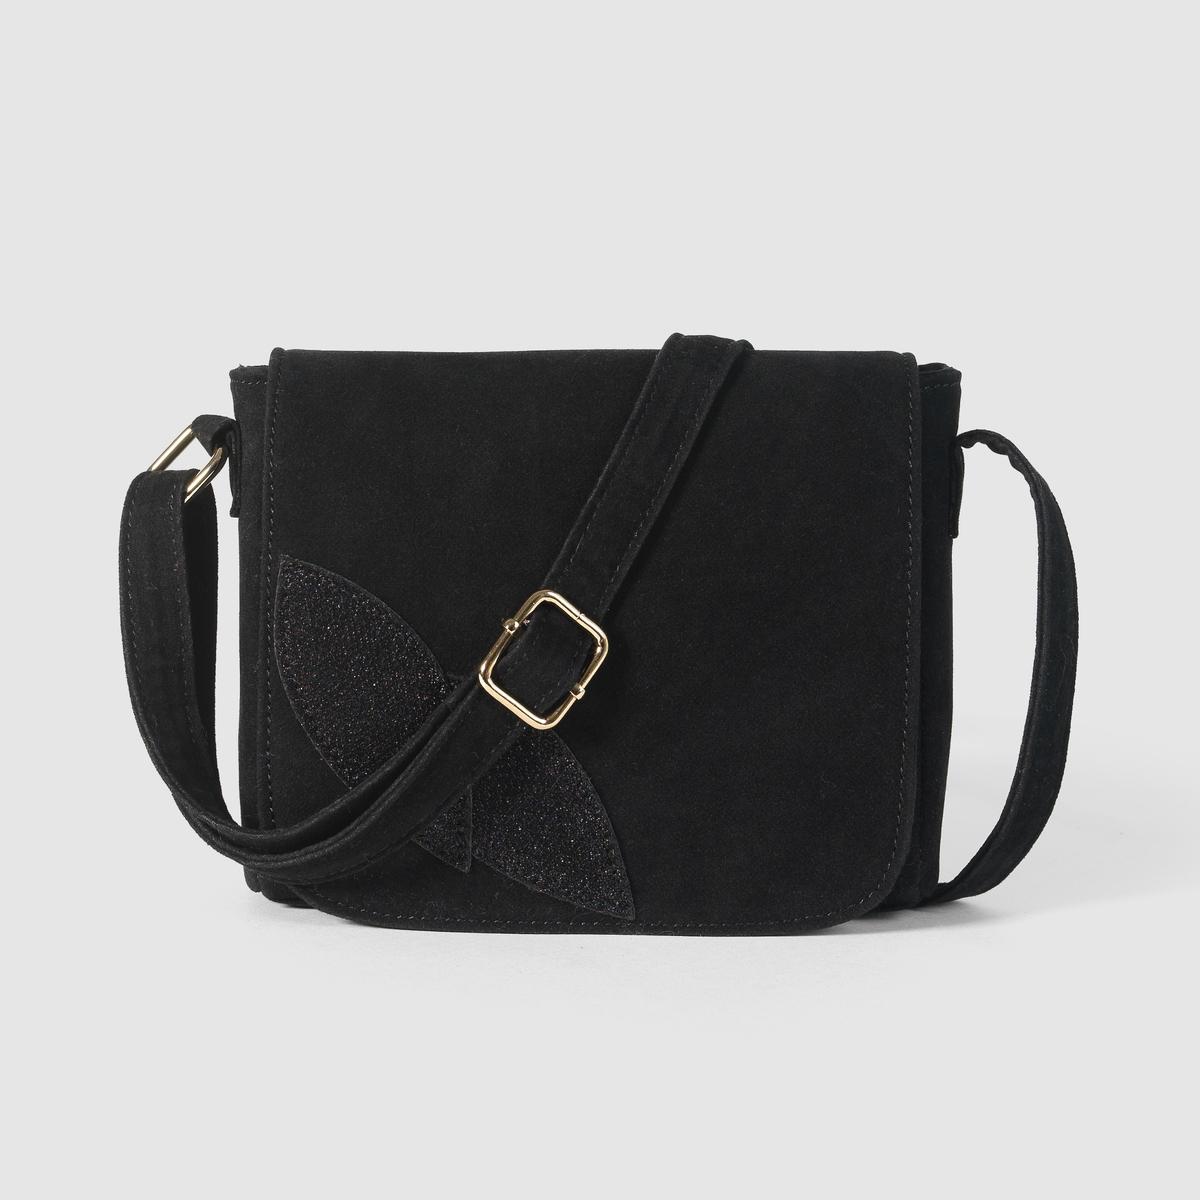 Дамская сумочкаСостав и описаниеМатериал             верх : 100% полиэстера                          подкладка : 100% полиэстераМарка  Mademoiselle RРазмер :   15 x 17 x 4 смРегулируемый плечевой ремень1 внутренний карман на молнии.<br><br>Цвет: черный<br>Размер: единый размер